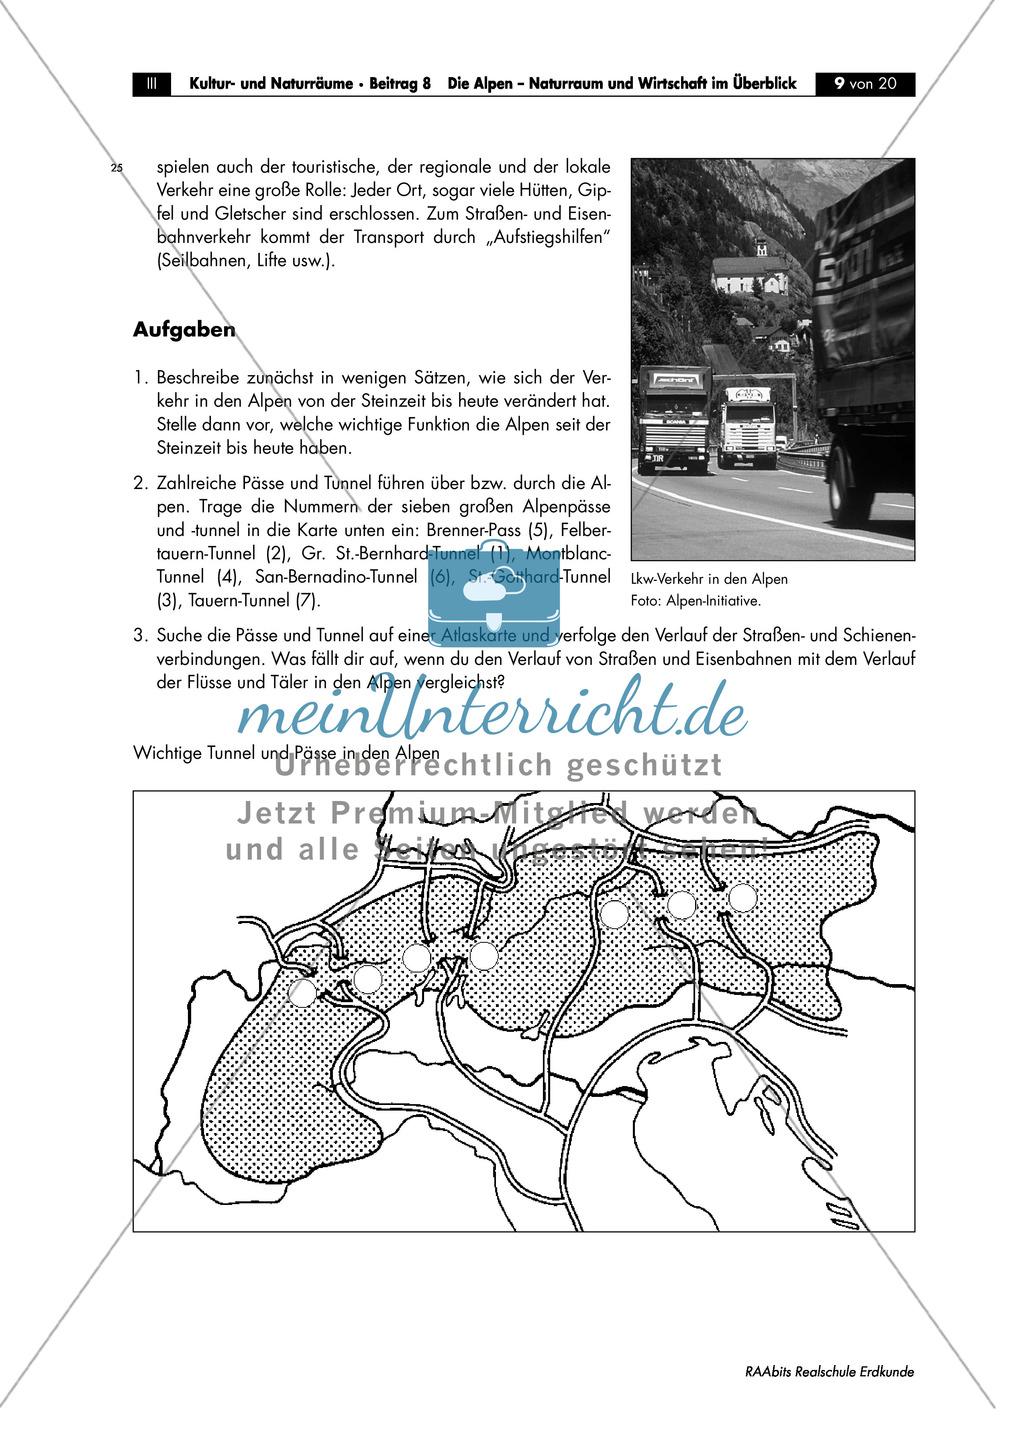 Naturraum + Wirtschaft der Alpen: Topographie + Bedeutung als Verkehrs- und Transitraum Europas Preview 4